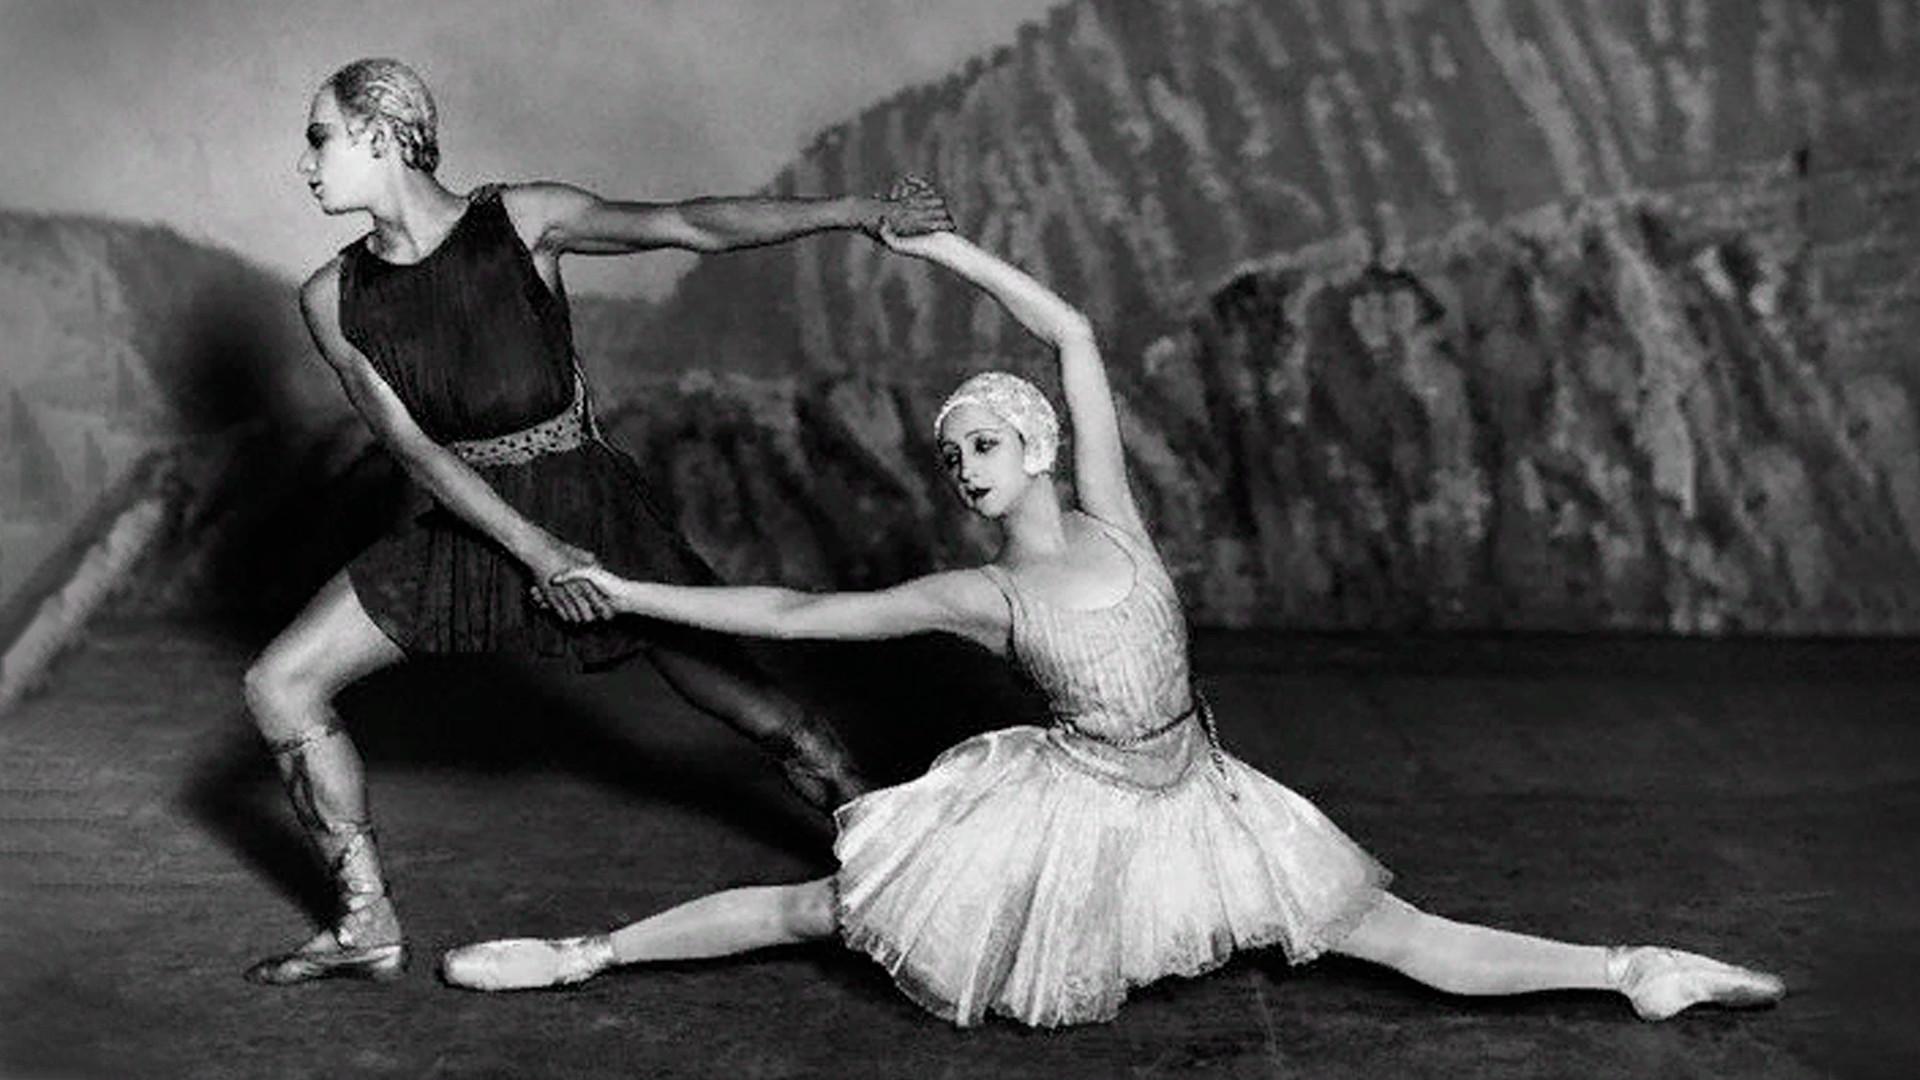 Alexandra Danilova et Serge Lifar dans Apollon musagète, 1928